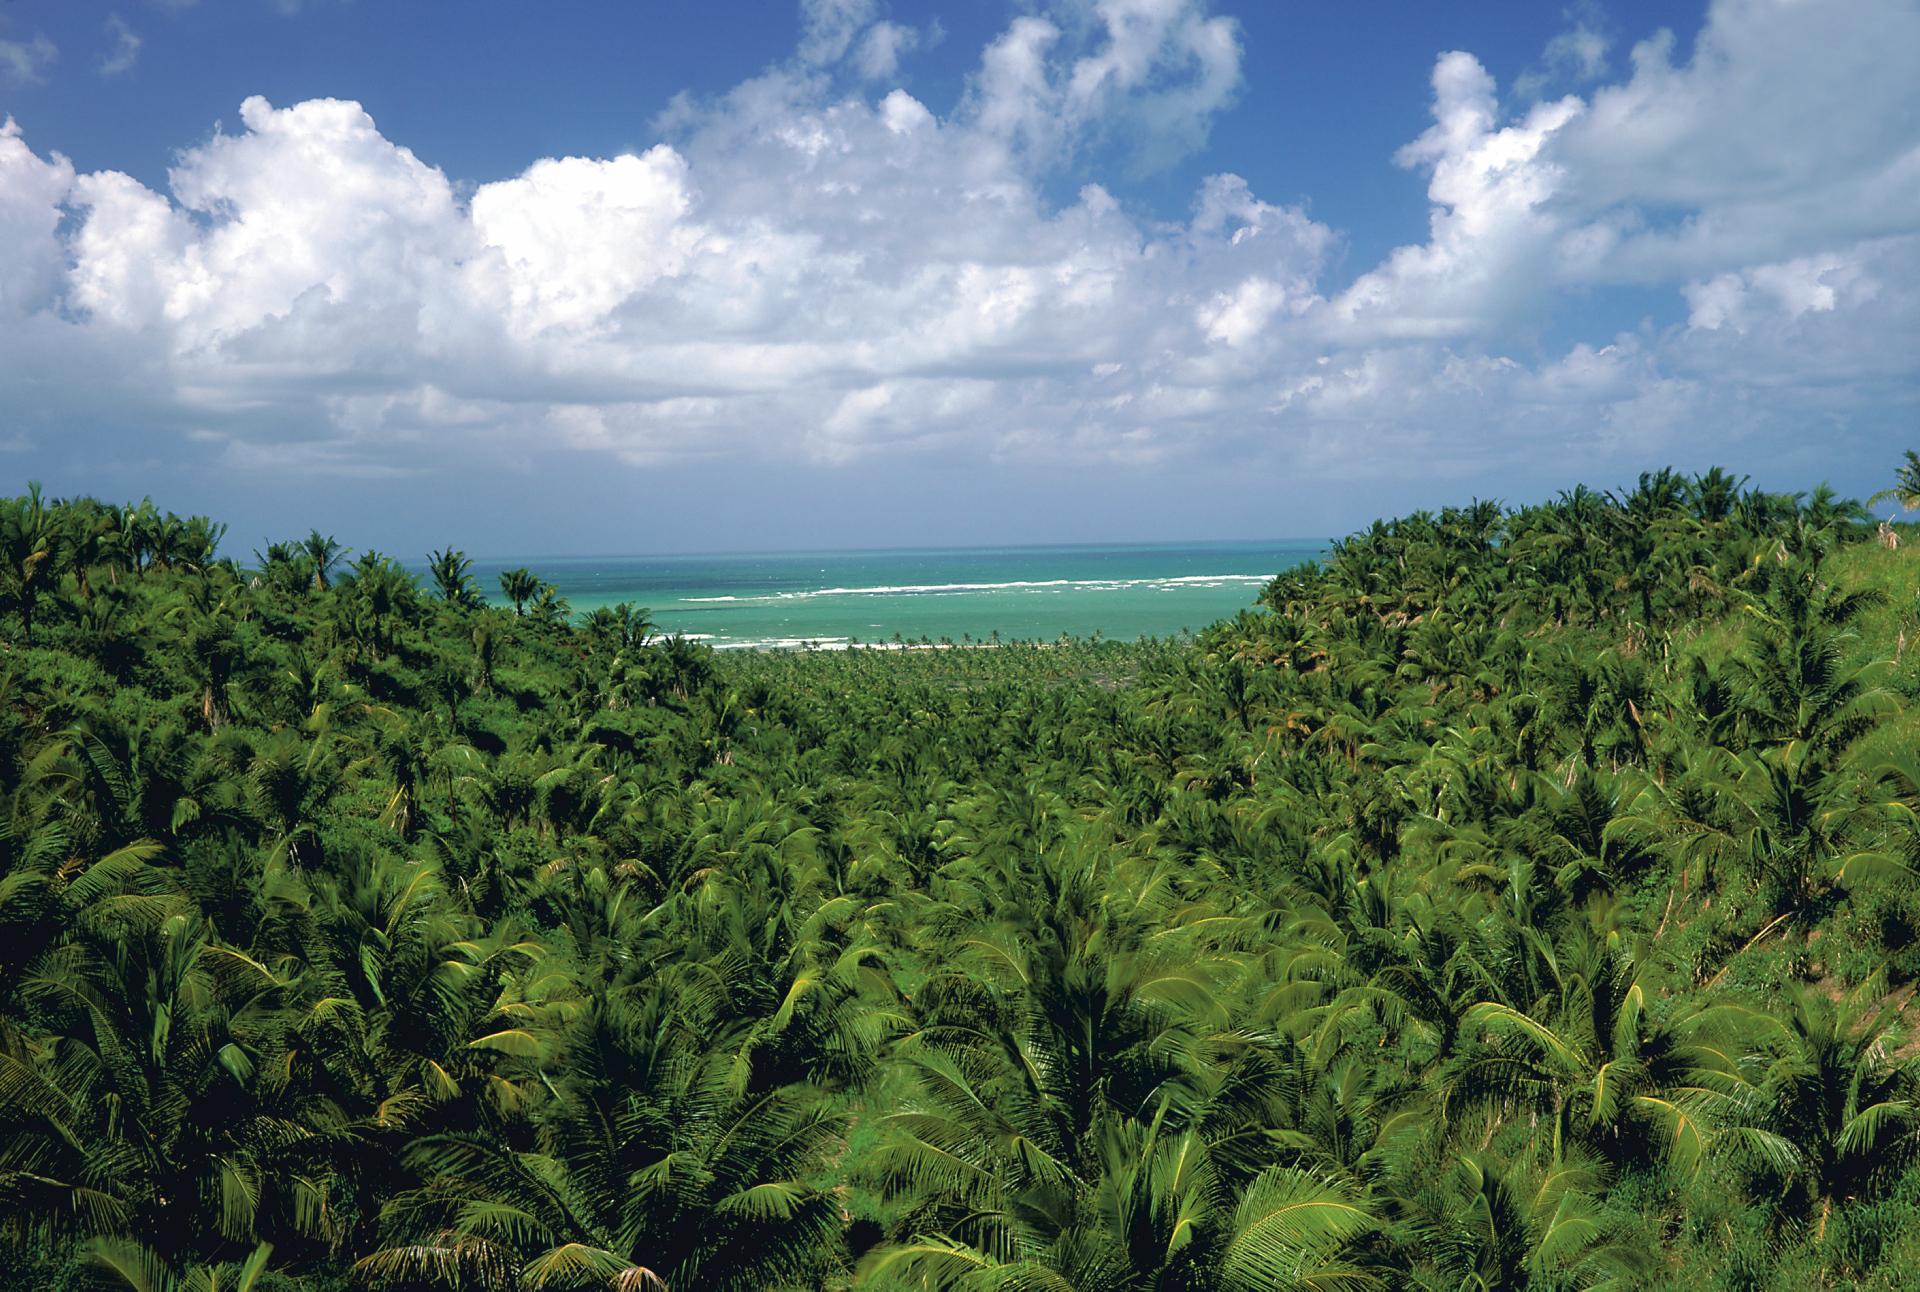 Nordosten Landschaft